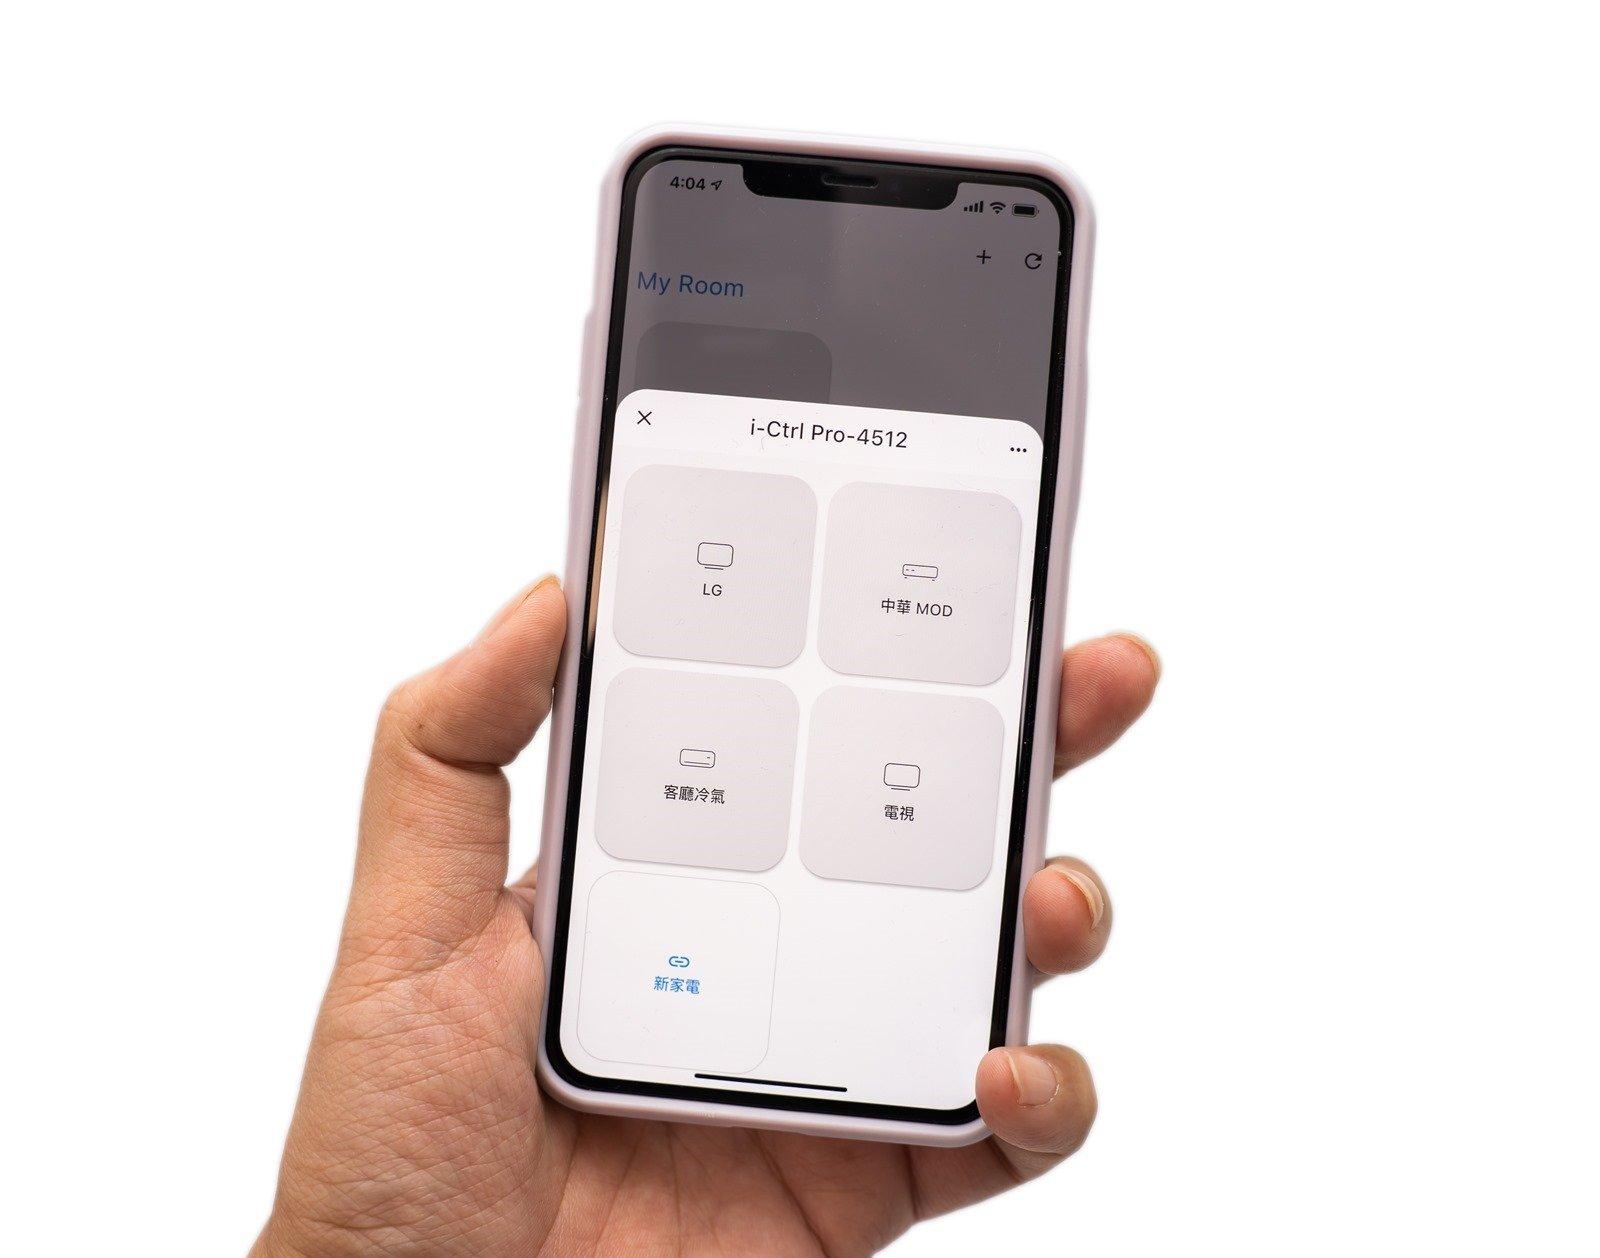 新一代 i-Ctrl Pro,MIT WIFI 萬用遙控器,新增溫濕度感測器 AI 智慧家庭生活好幫手(萬用遙控/AI 自動化/語音控制)@3C 達人廖阿輝